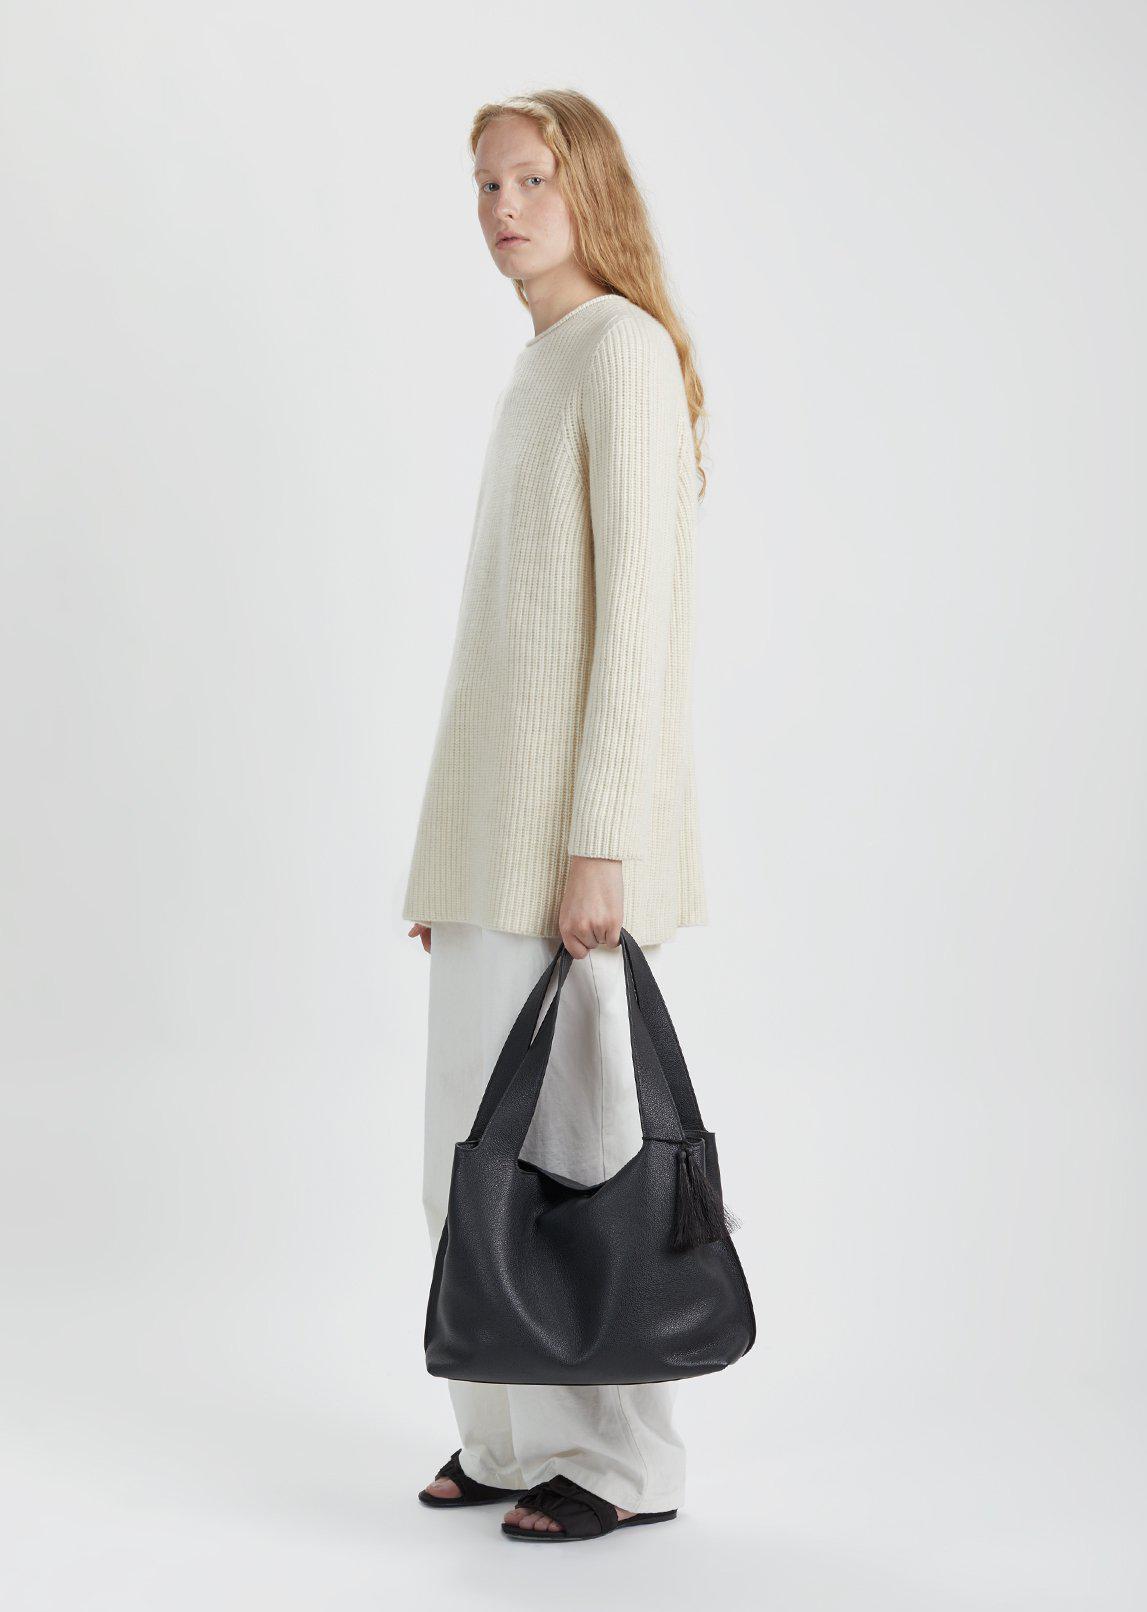 8c052b39f4 Lyst - The Row Duplex Bag in Black